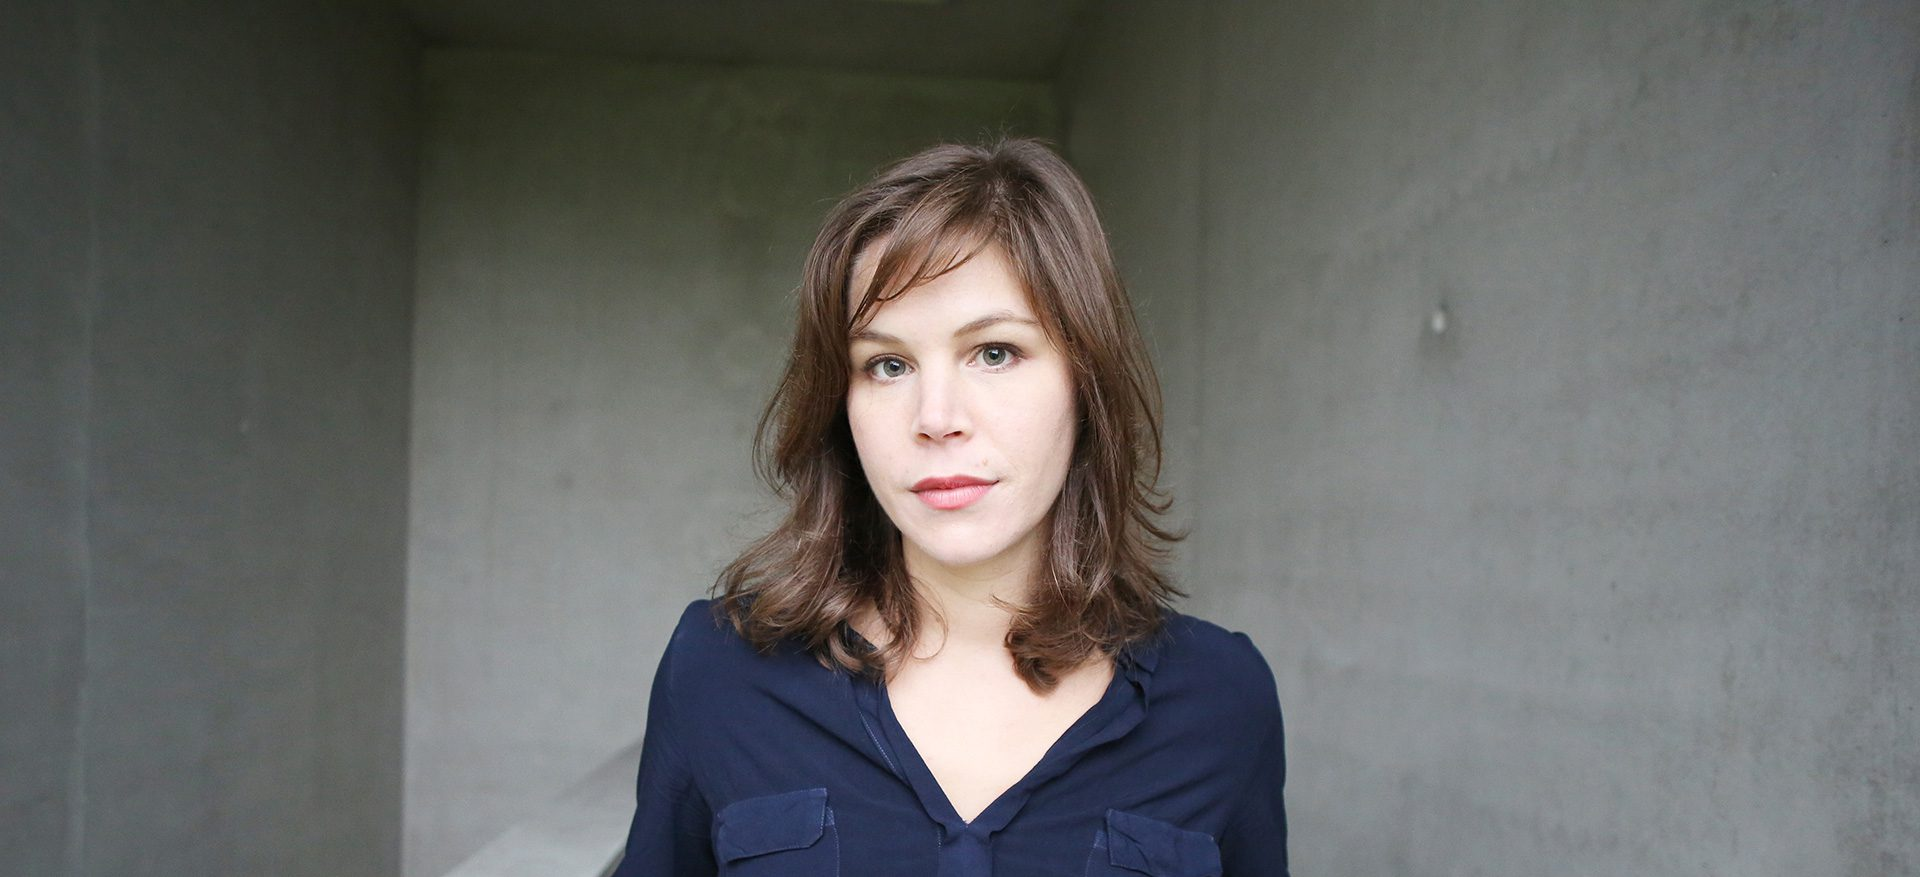 Elisabeth Halikiopoulos